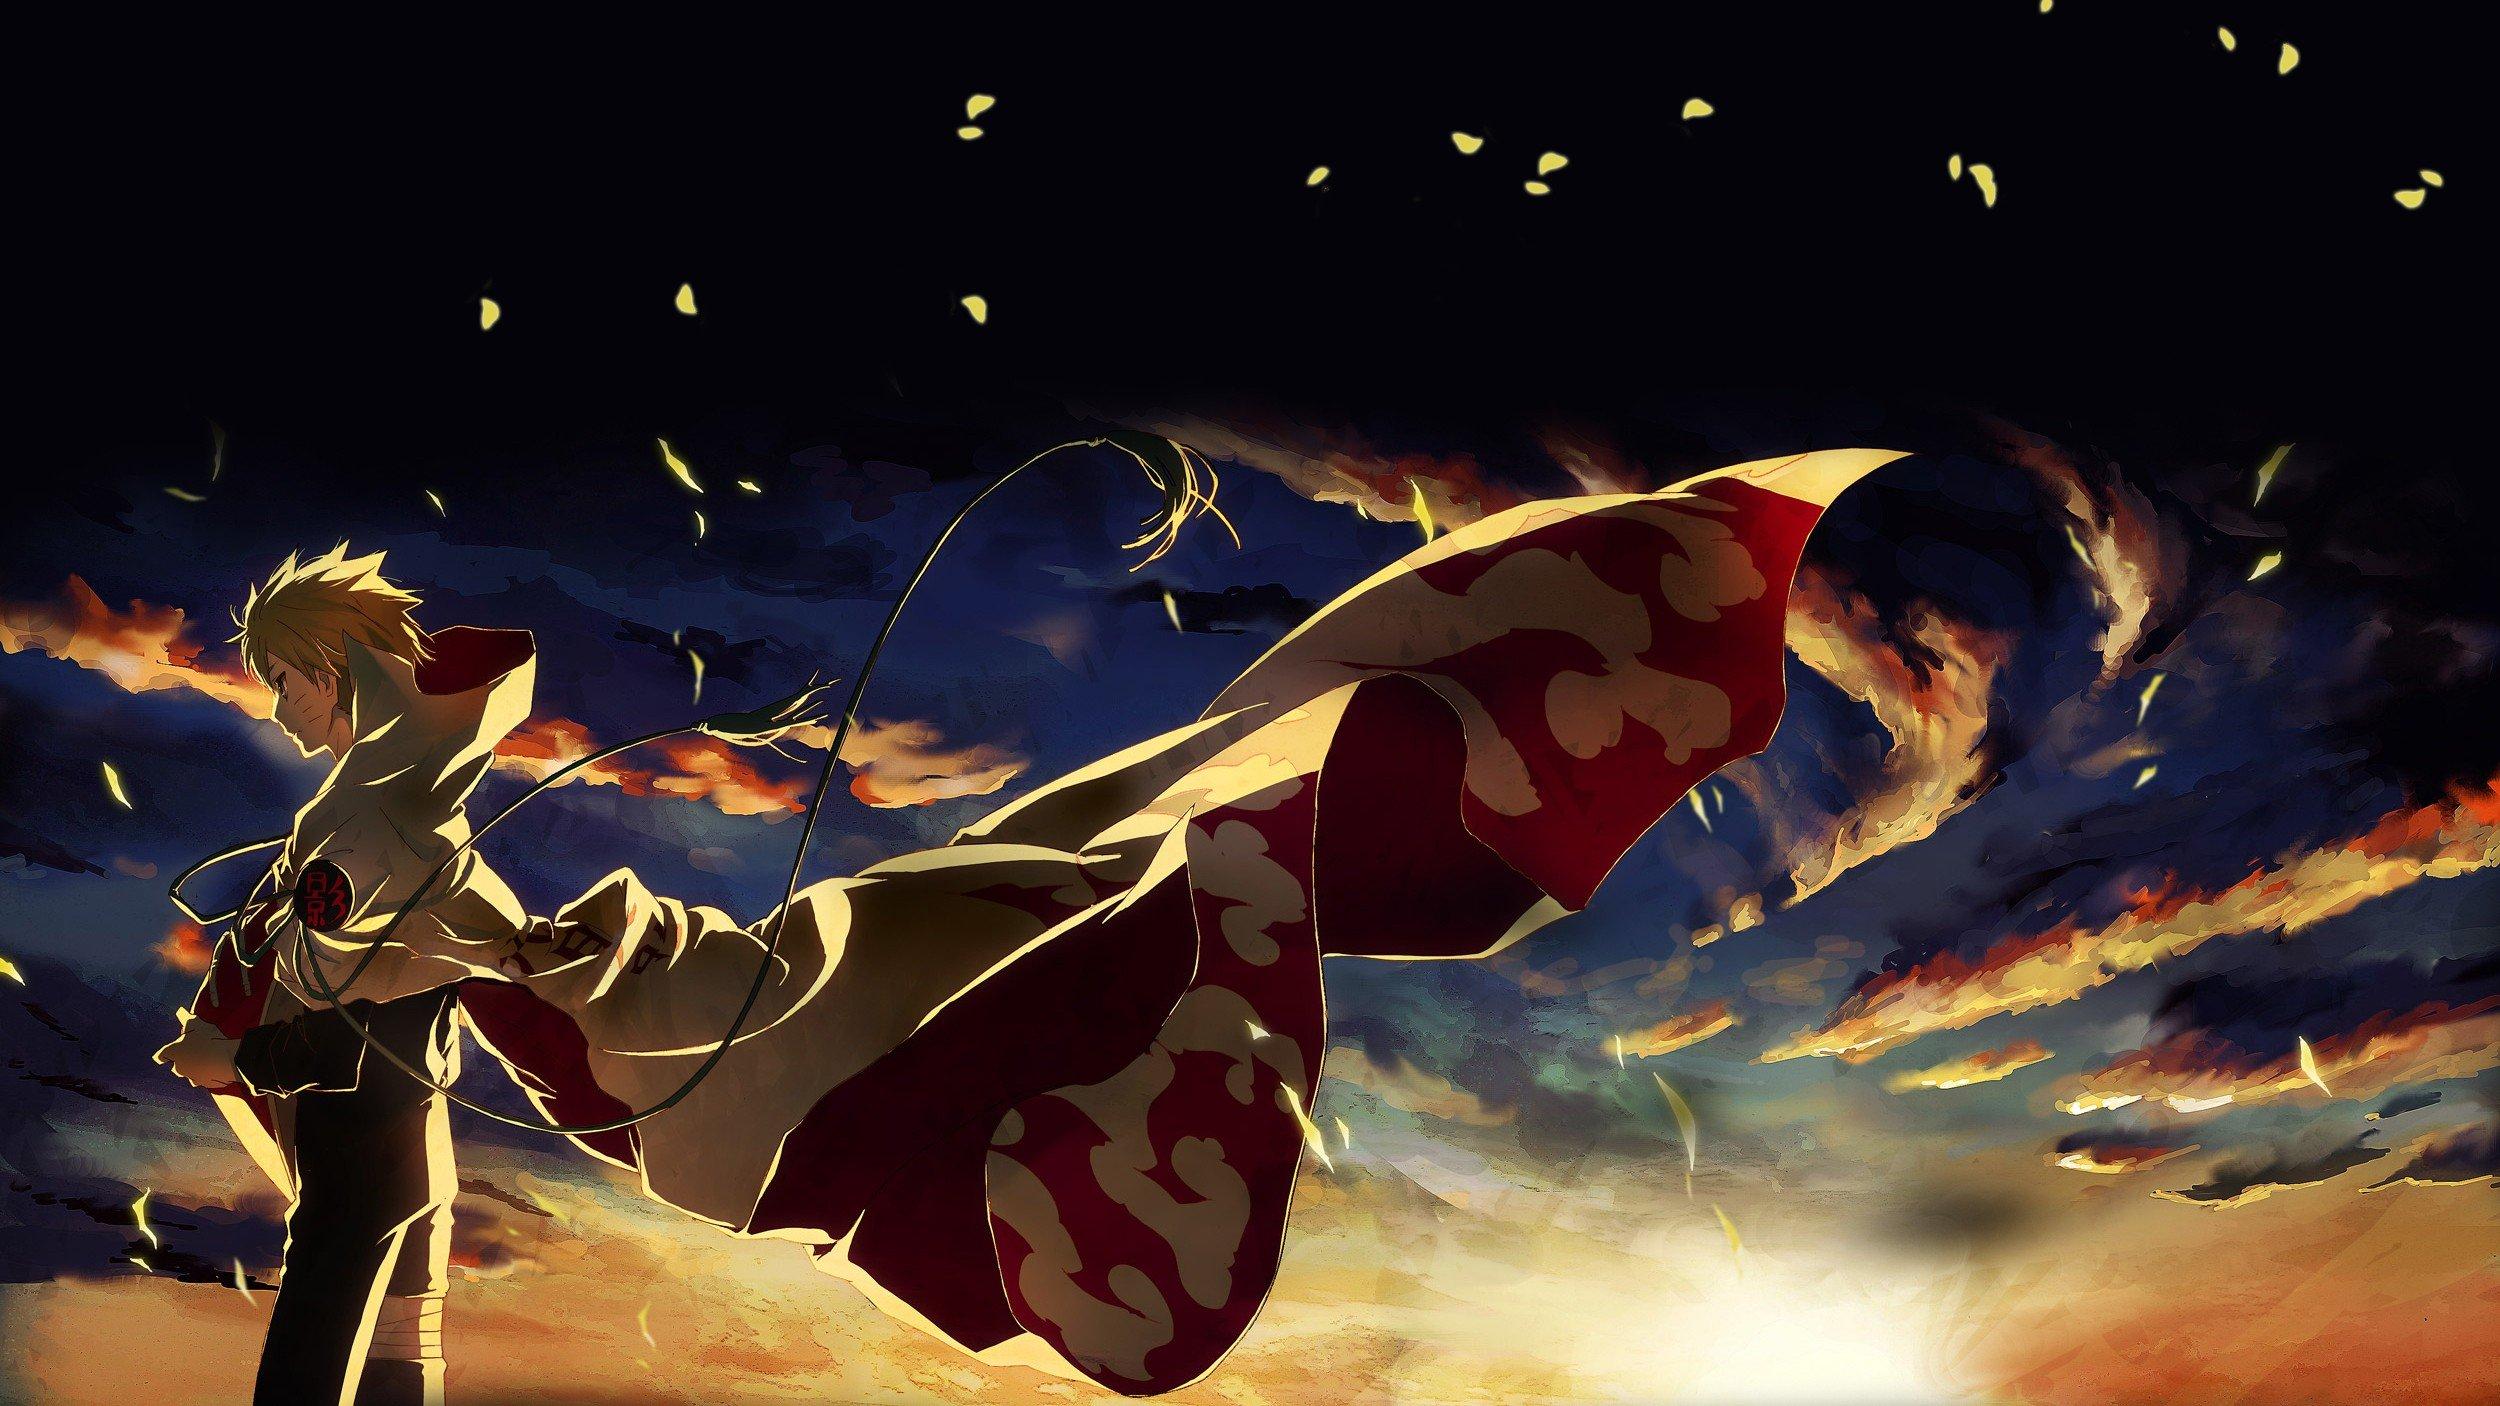 Naruto Shippuuden, Anime, Manga, Uzumaki Naruto, Hokage Wallpaper